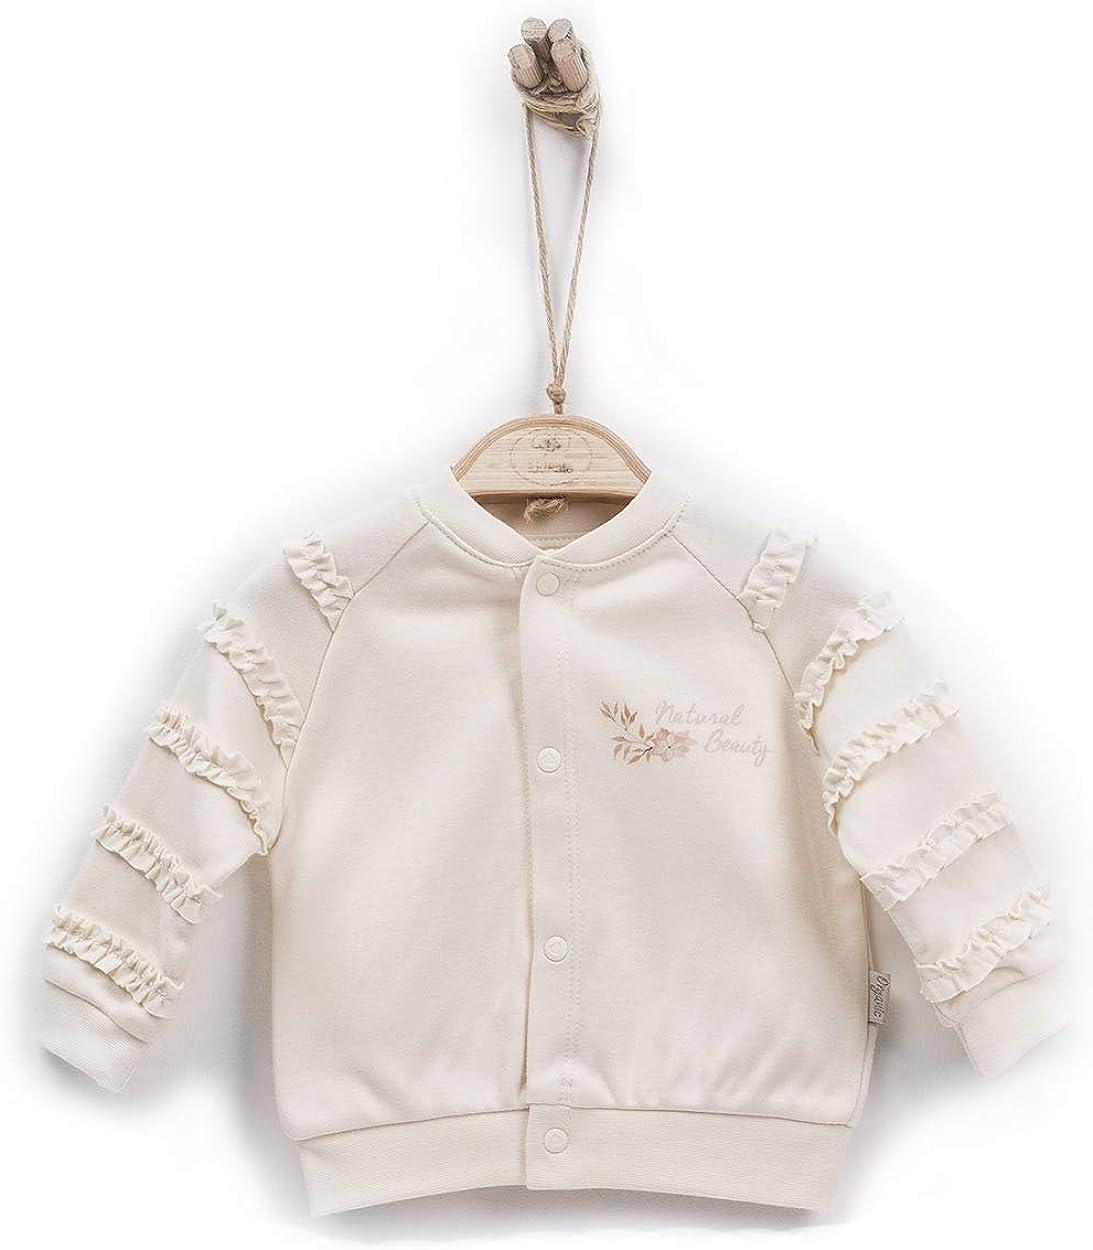 Kitikate Elegante Natural Beauty Baby M/ädchen Jacke aus 100/% Organic Cotton sehr modische Baby Jacke bis Gr/ö/ße 80